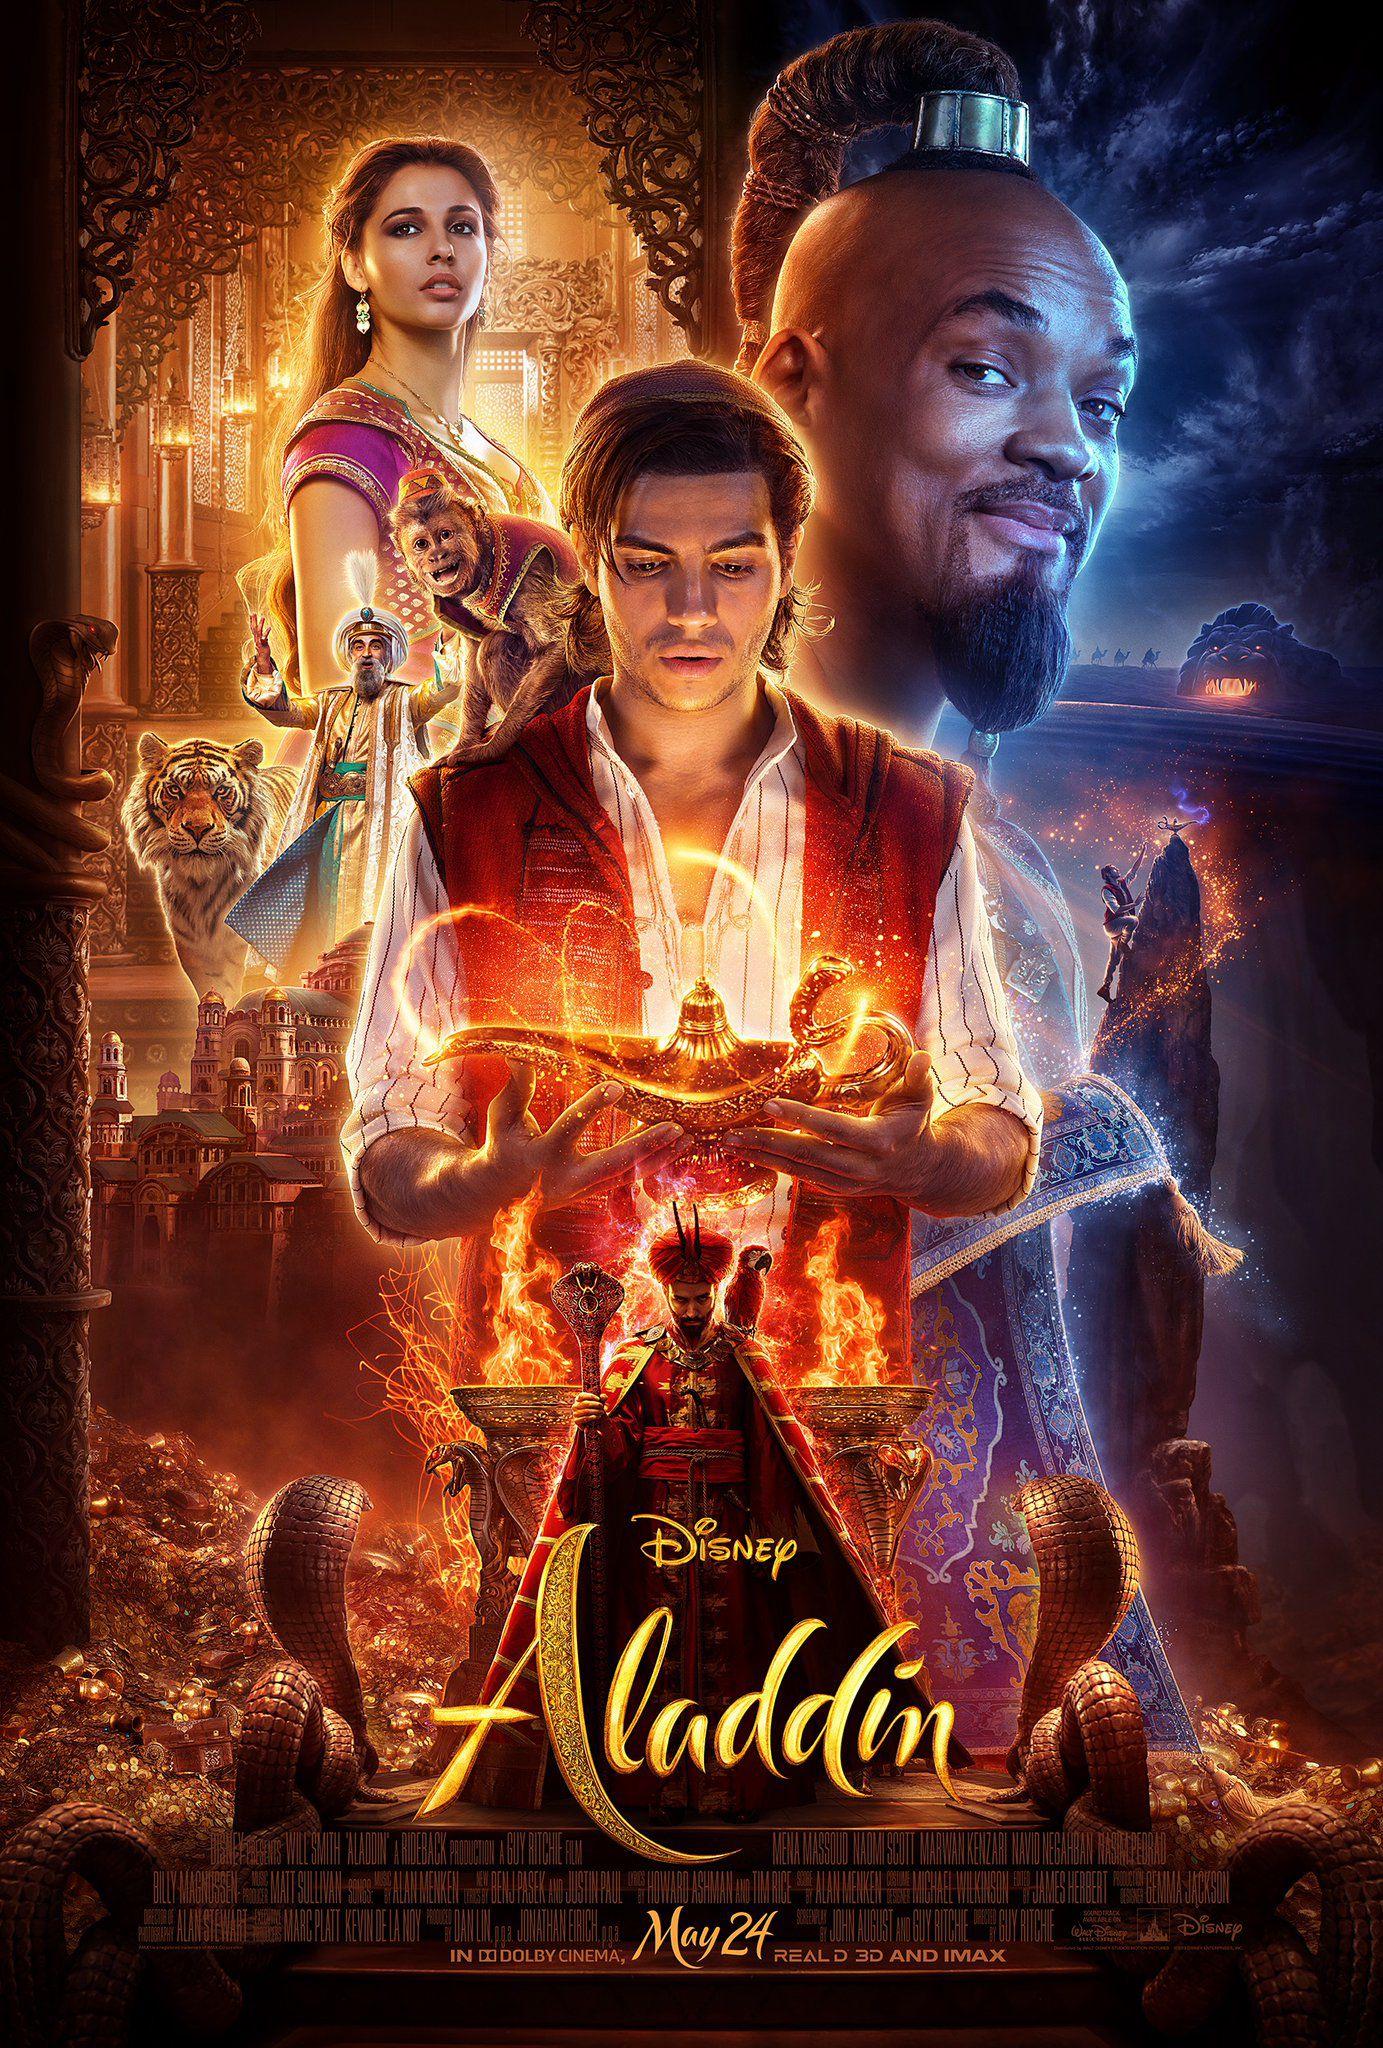 """طرح النجم زين مالك أغنية """"A Whole New World"""" من فيلم """"Aladdin"""" مع جيفايا وارد، وذلك قبل طرح الفيلم يوم 24 ماي الحالي، في صالات السينما بالولايات المتحدة الأميركية وأوروبا"""